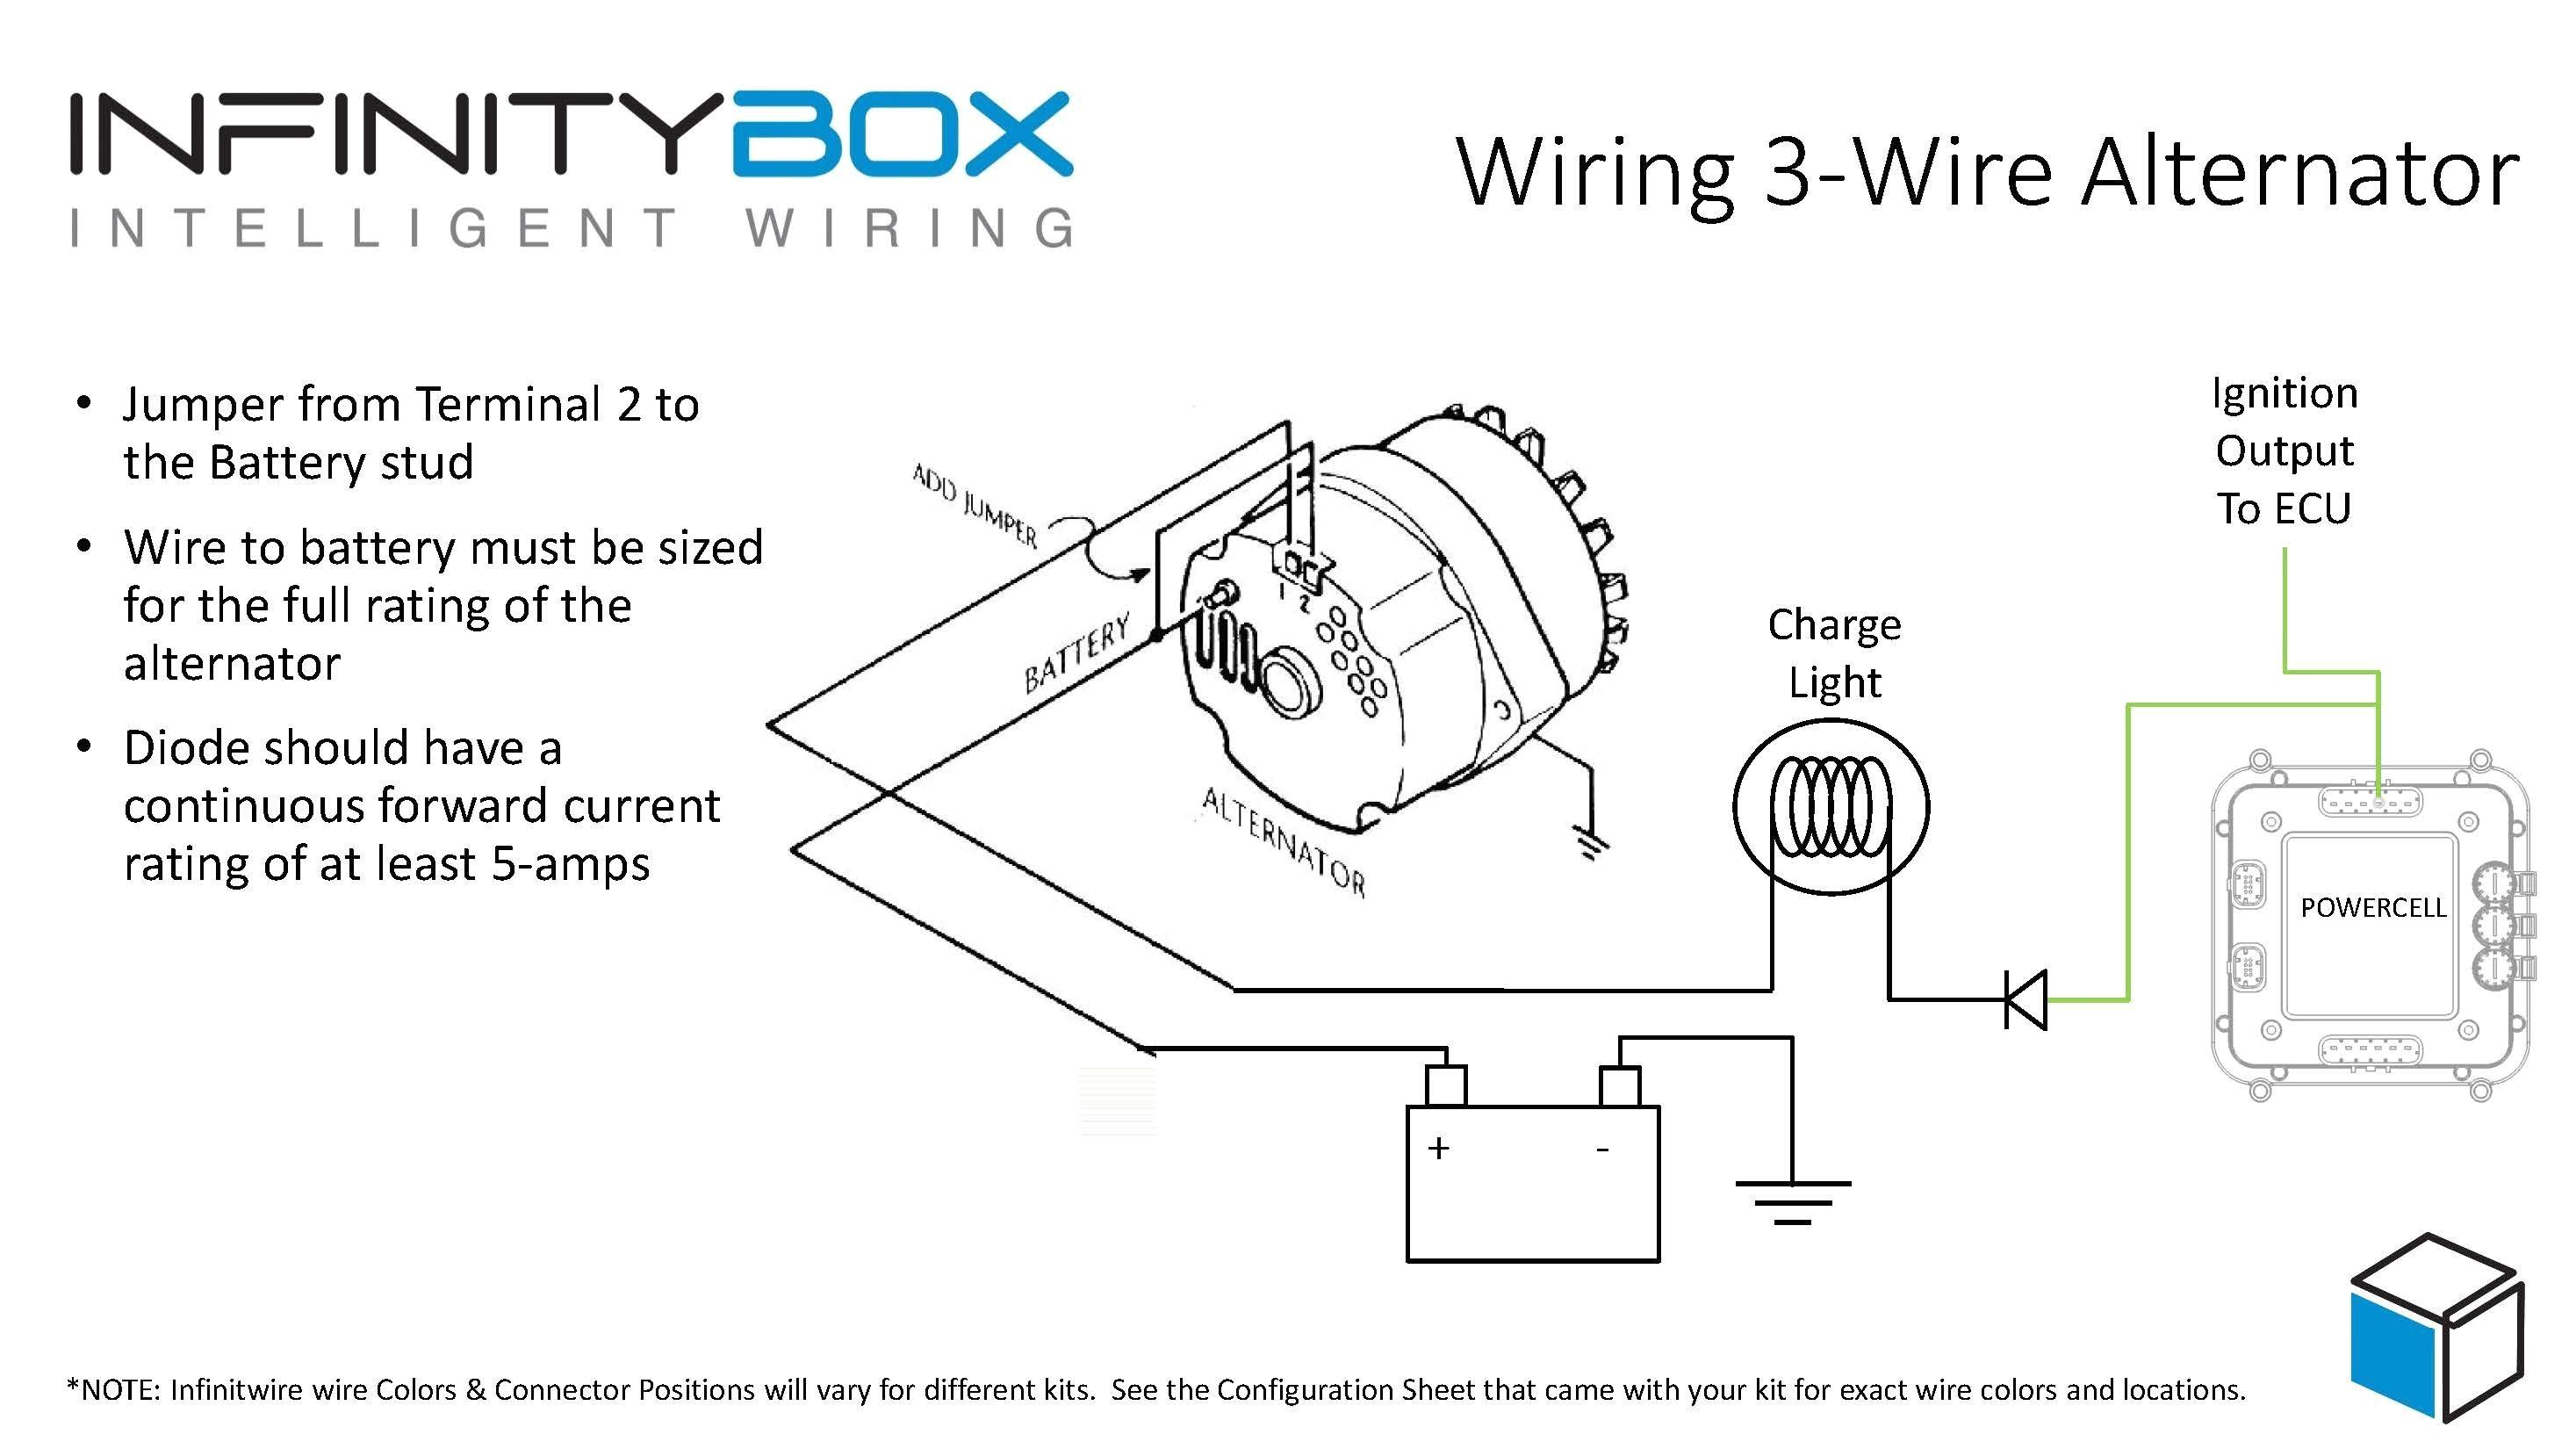 vr600 voltage regulator wiring diagram wiring diagram preview gm voltage regulator wiring wiring diagram vr600 voltage